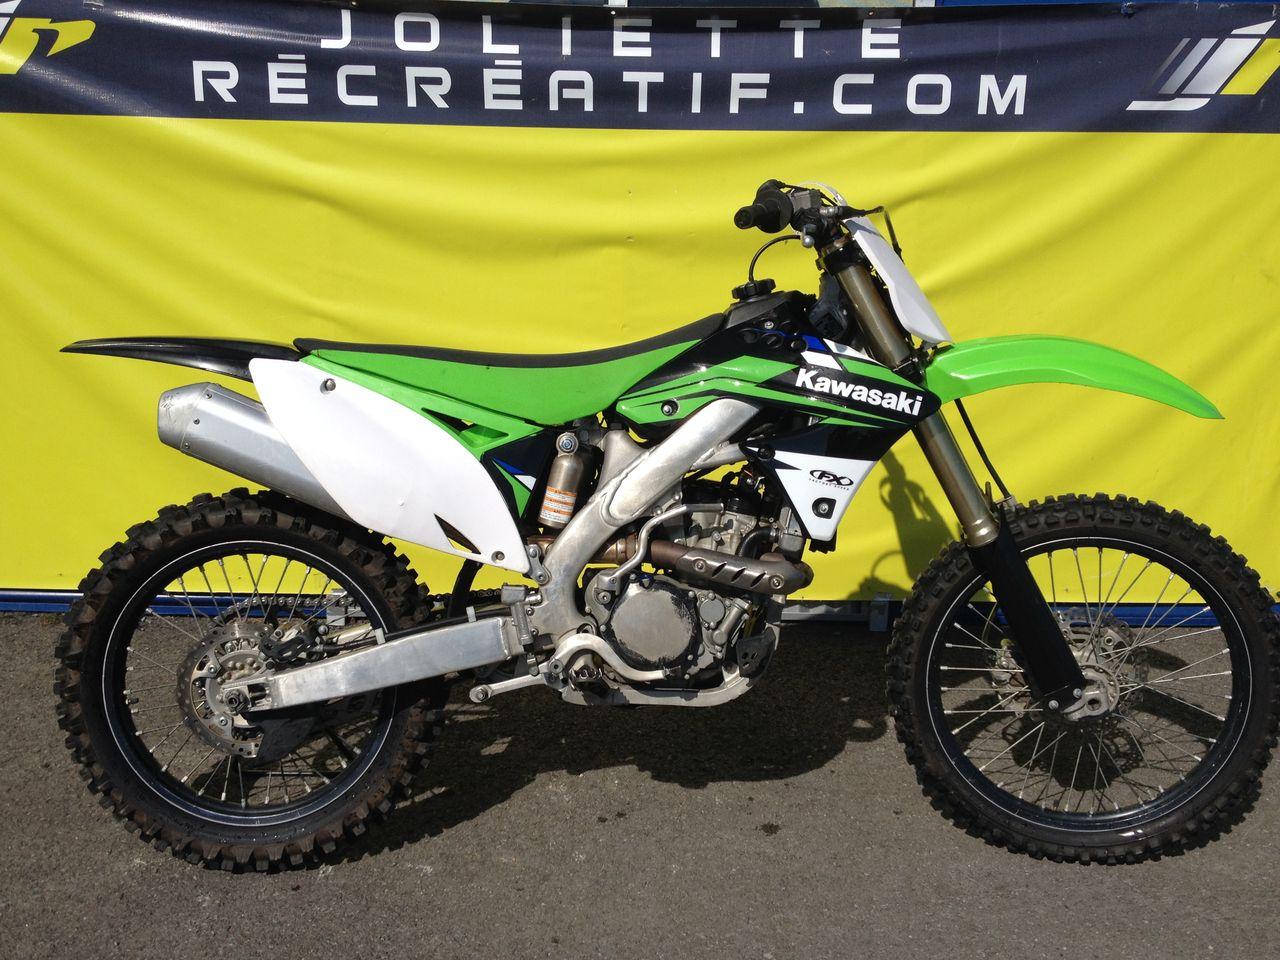 2012 Kawasaki KX250F 3,995$